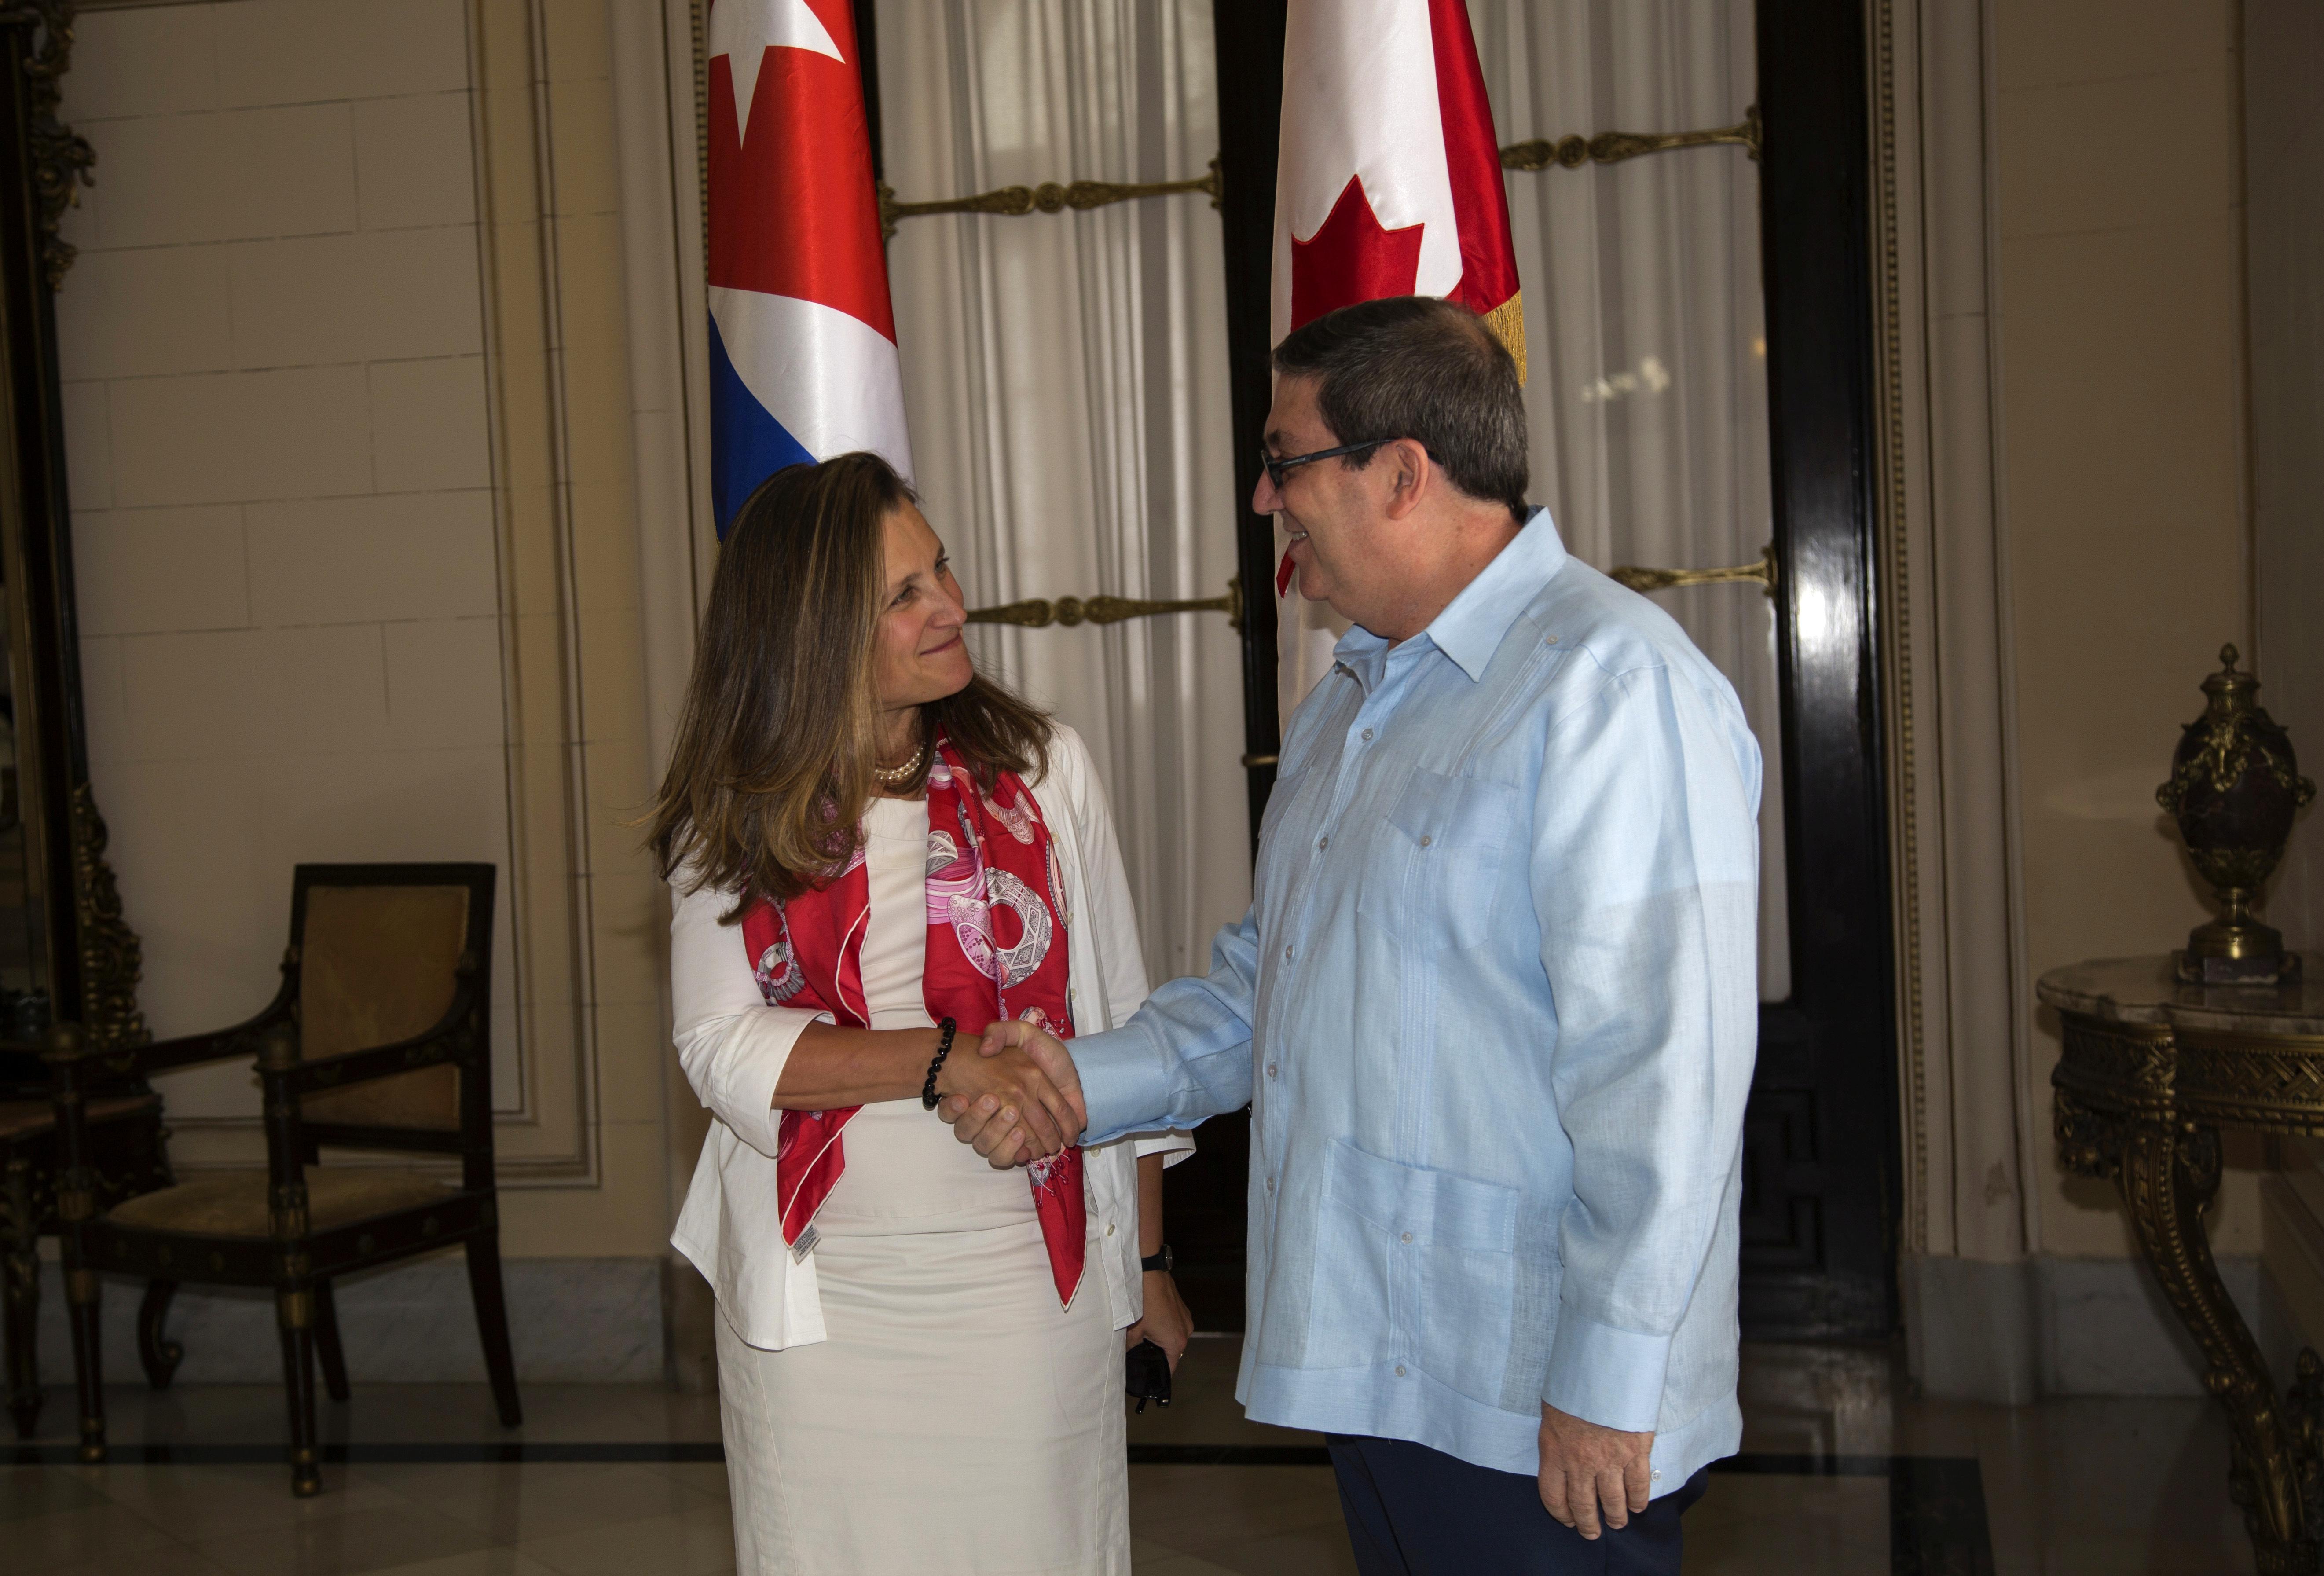 Cuba asks Canada to help end U.S. sanctions on Venezuela